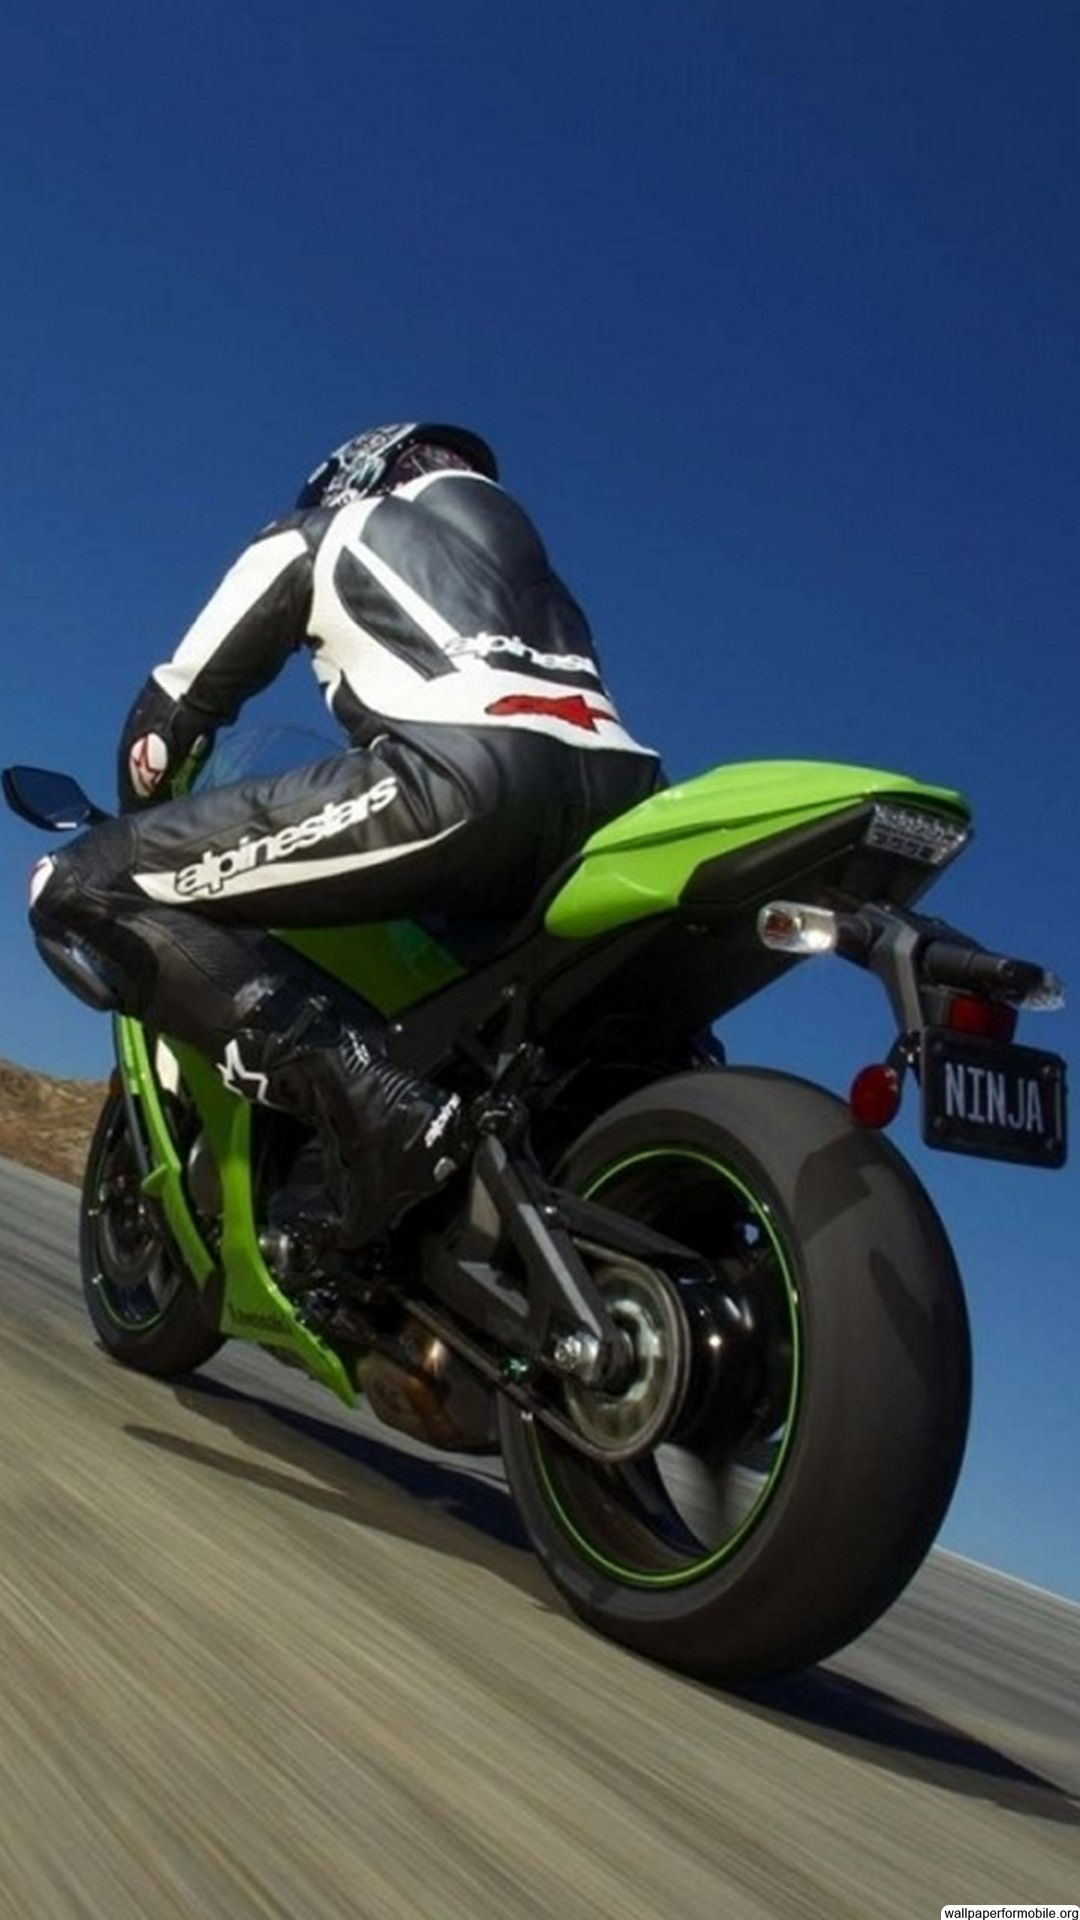 Free Sports Screensavers And Wallpaper Kawasaki Ninja Motorcycle Wallpaper Racing Bikes